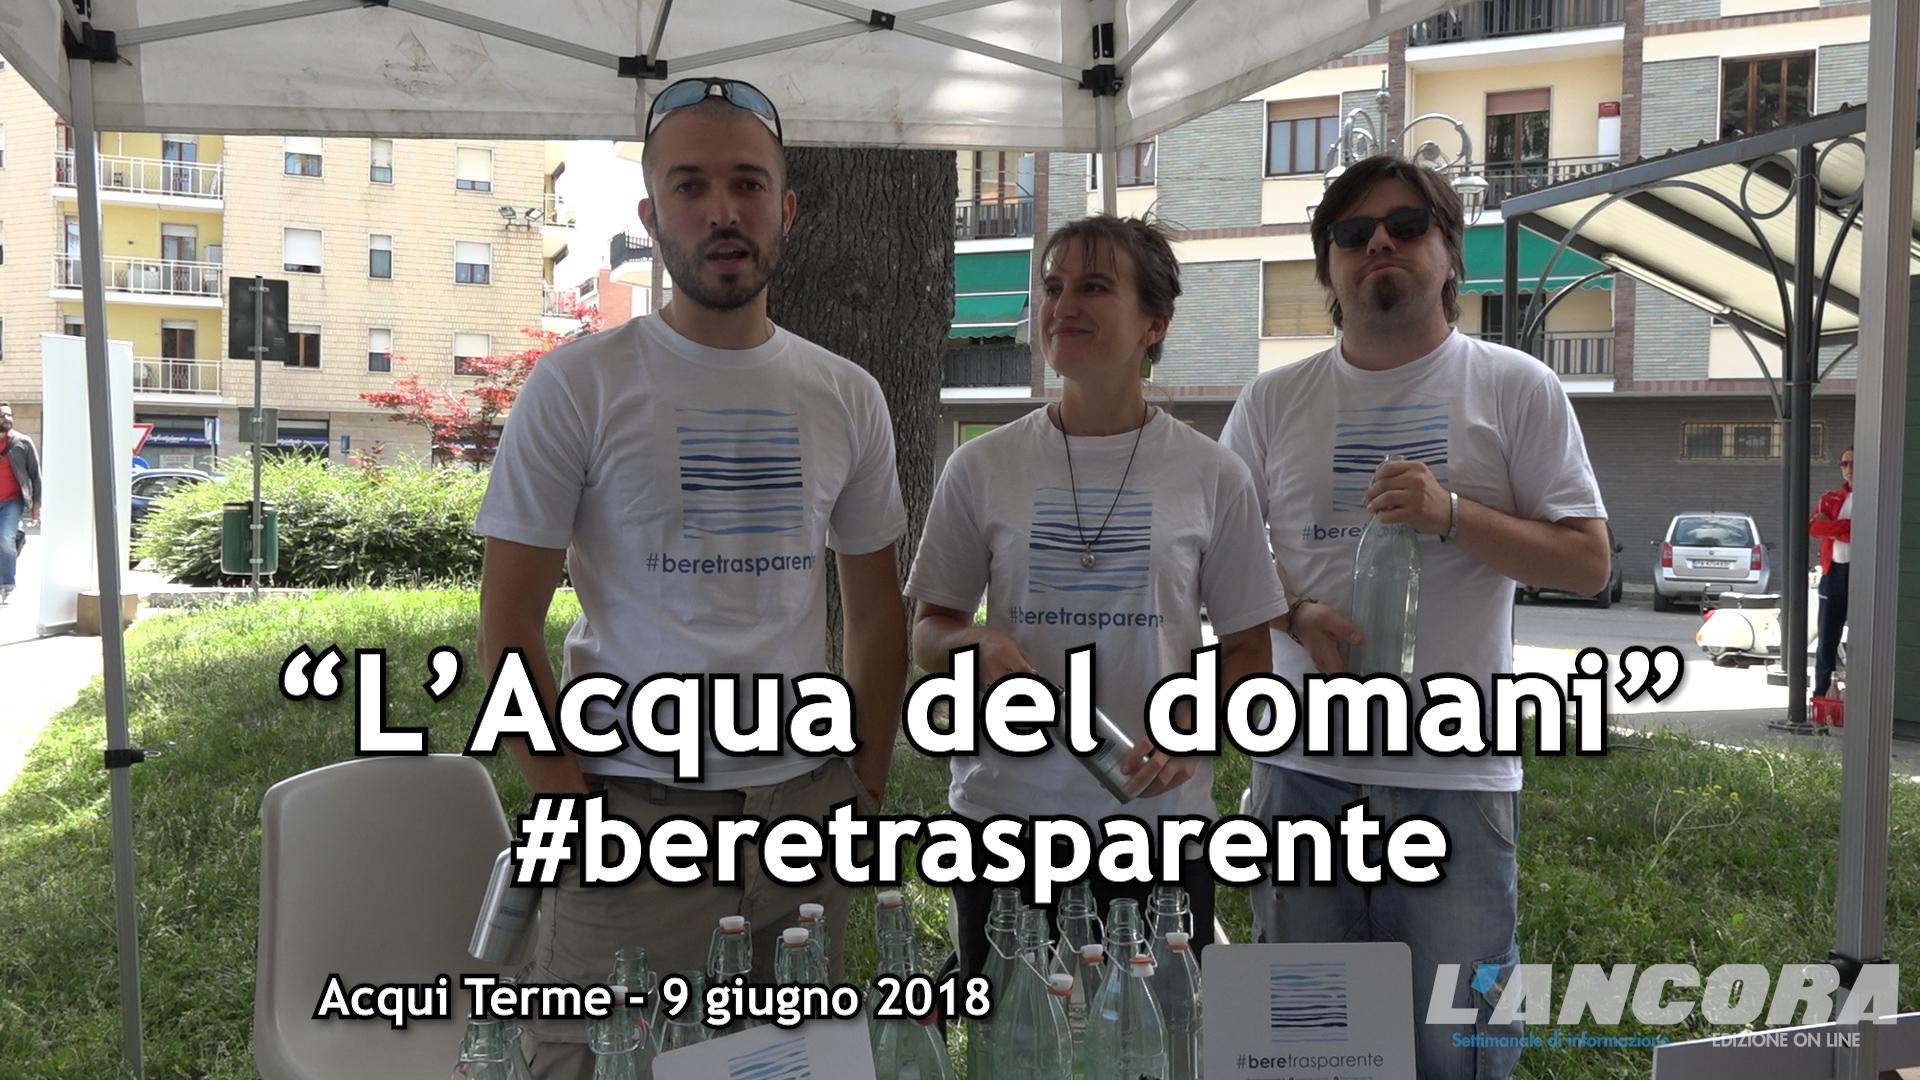 """Acqui Terme - """"L'Acqua del Domani"""" La campagna #beretrasparente"""